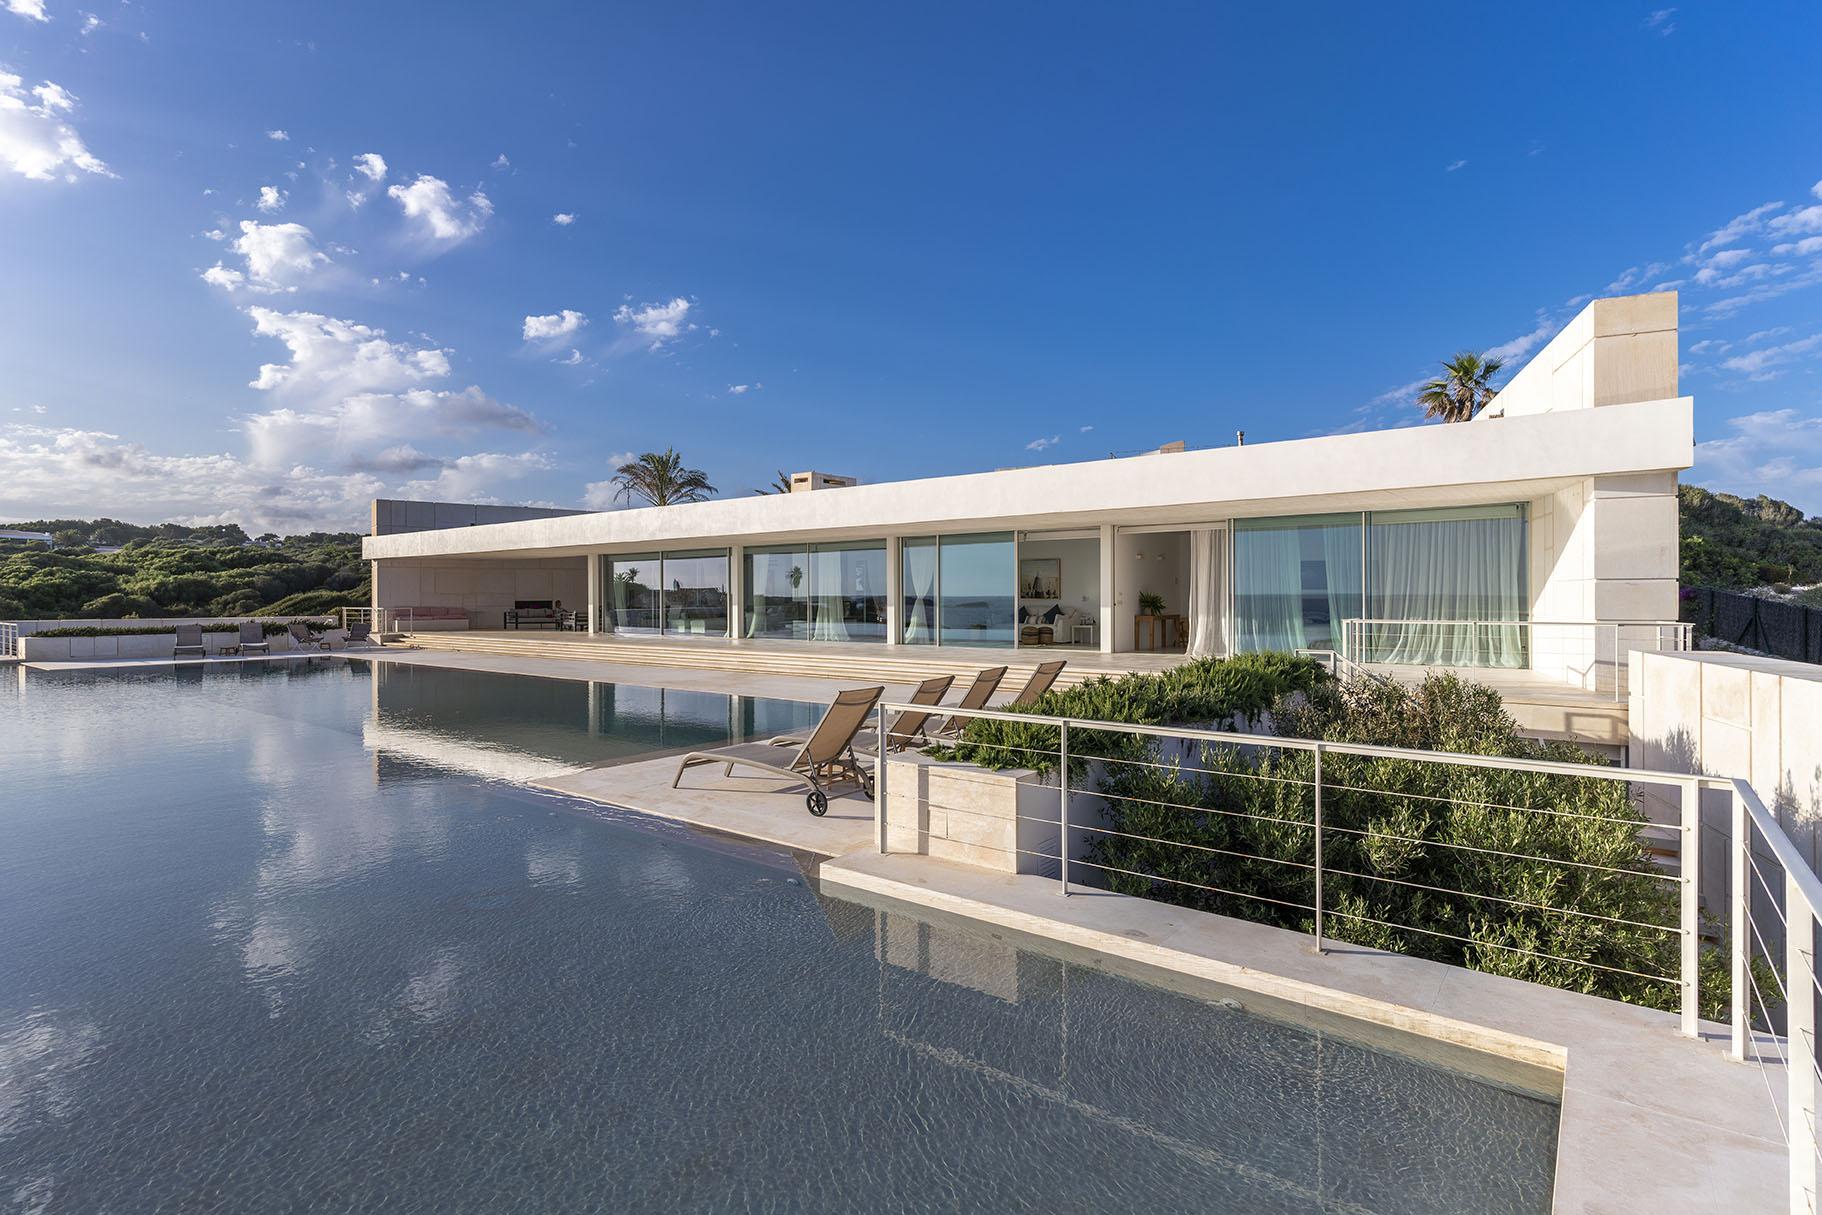 Villa impressionnante à louer avec piscine de 40 mètres à Minorque